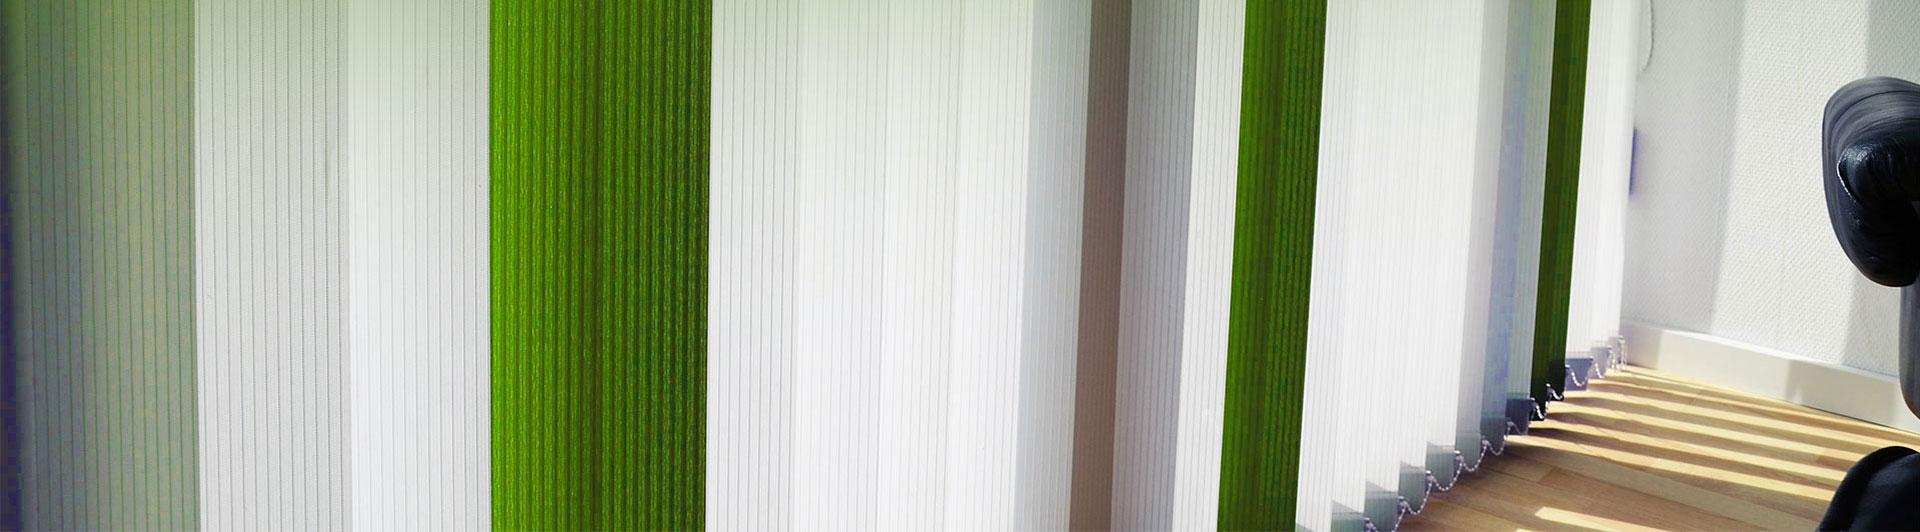 Vertikalanlagen